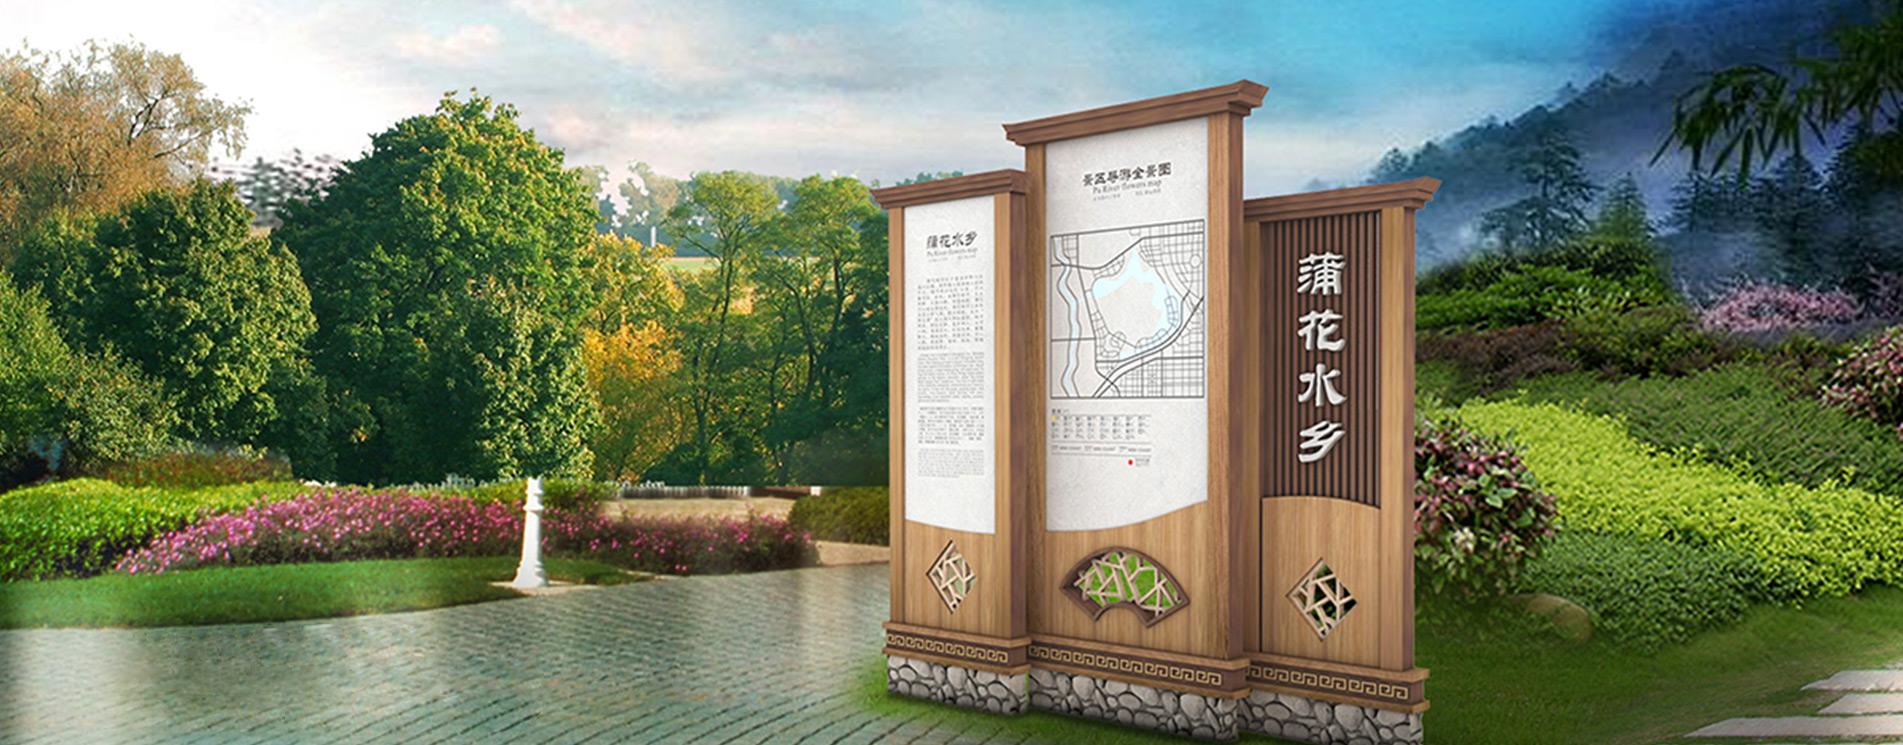 重庆景区导视系统设计